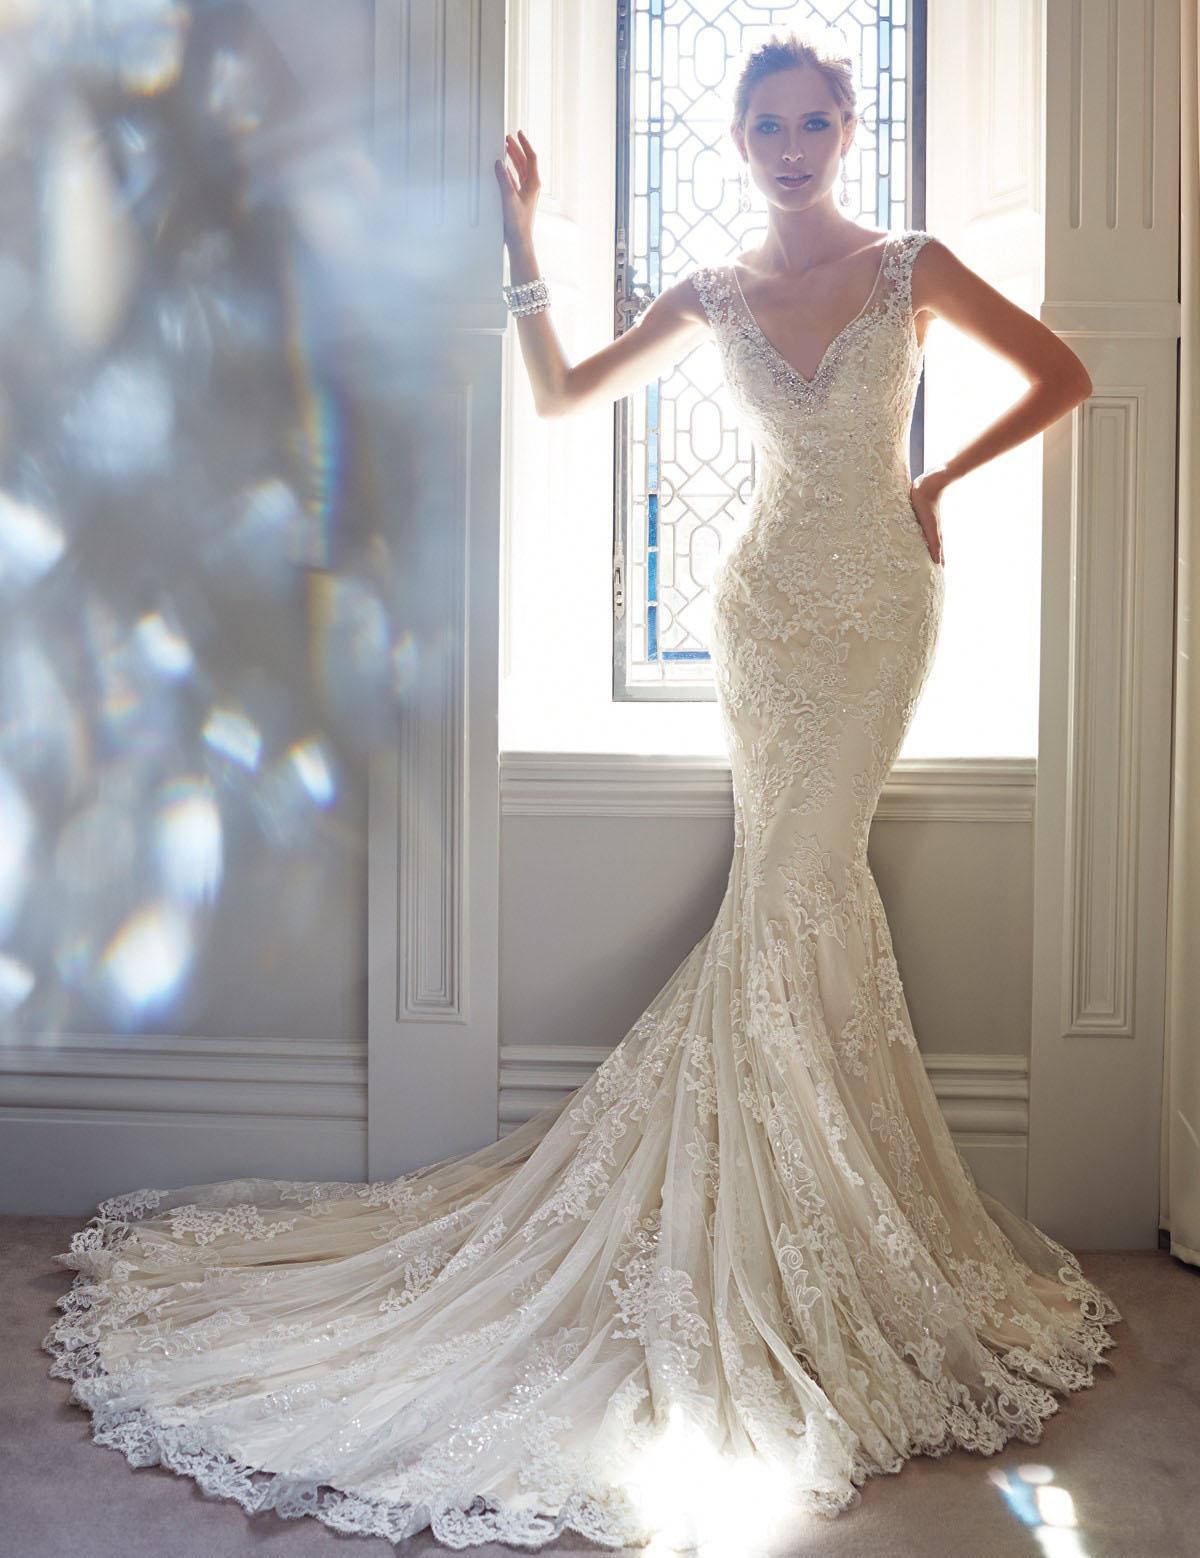 زیبایی, لباس دخترانه, لباس زنانه, لباس عروس 2014, لباس عروس آستین دار, لباس عروس جدید, لباس عروس عربی, لباس عروس مارک دار, لباس عروس گیپور, مد, مدل, مدل لباس, مدل لباس دخترانه, مدل لباس زنانه, مدل لباس عروس, ژورنال لباس